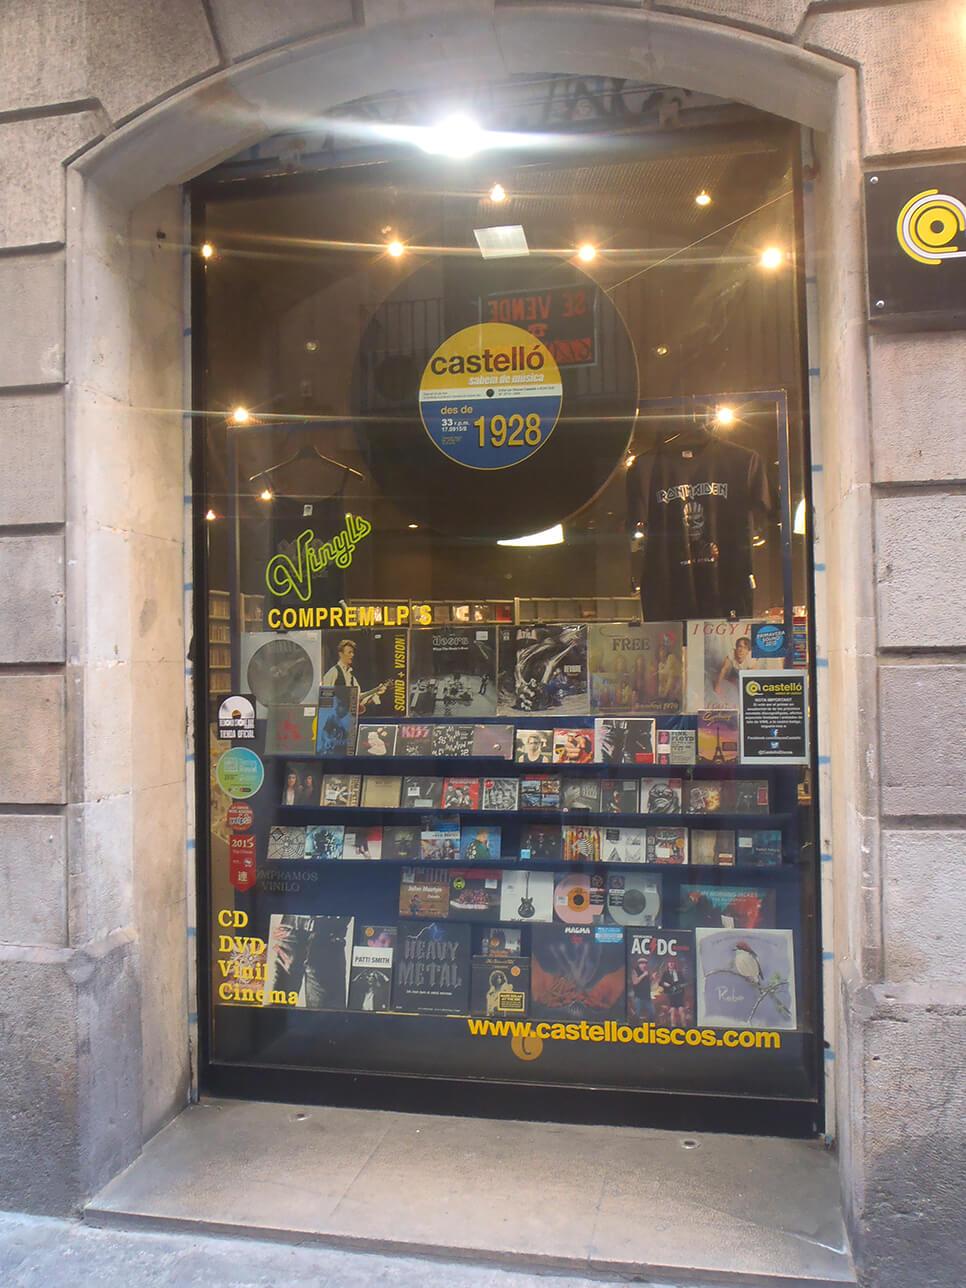 Discos Castello in Barcelona